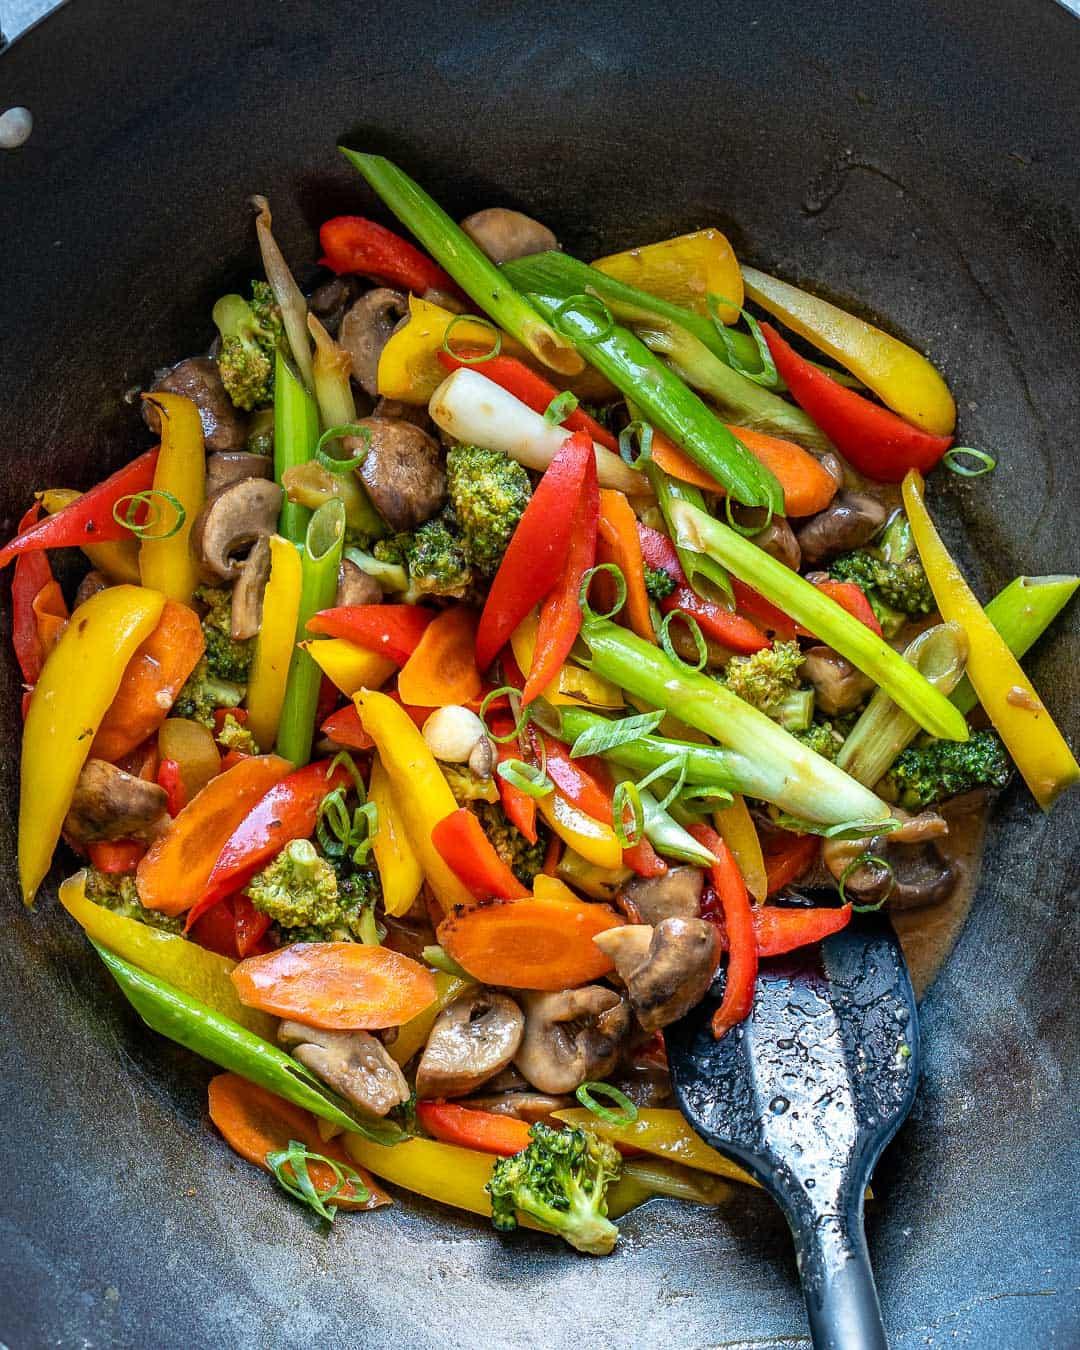 Vegetables stir frying in wok.